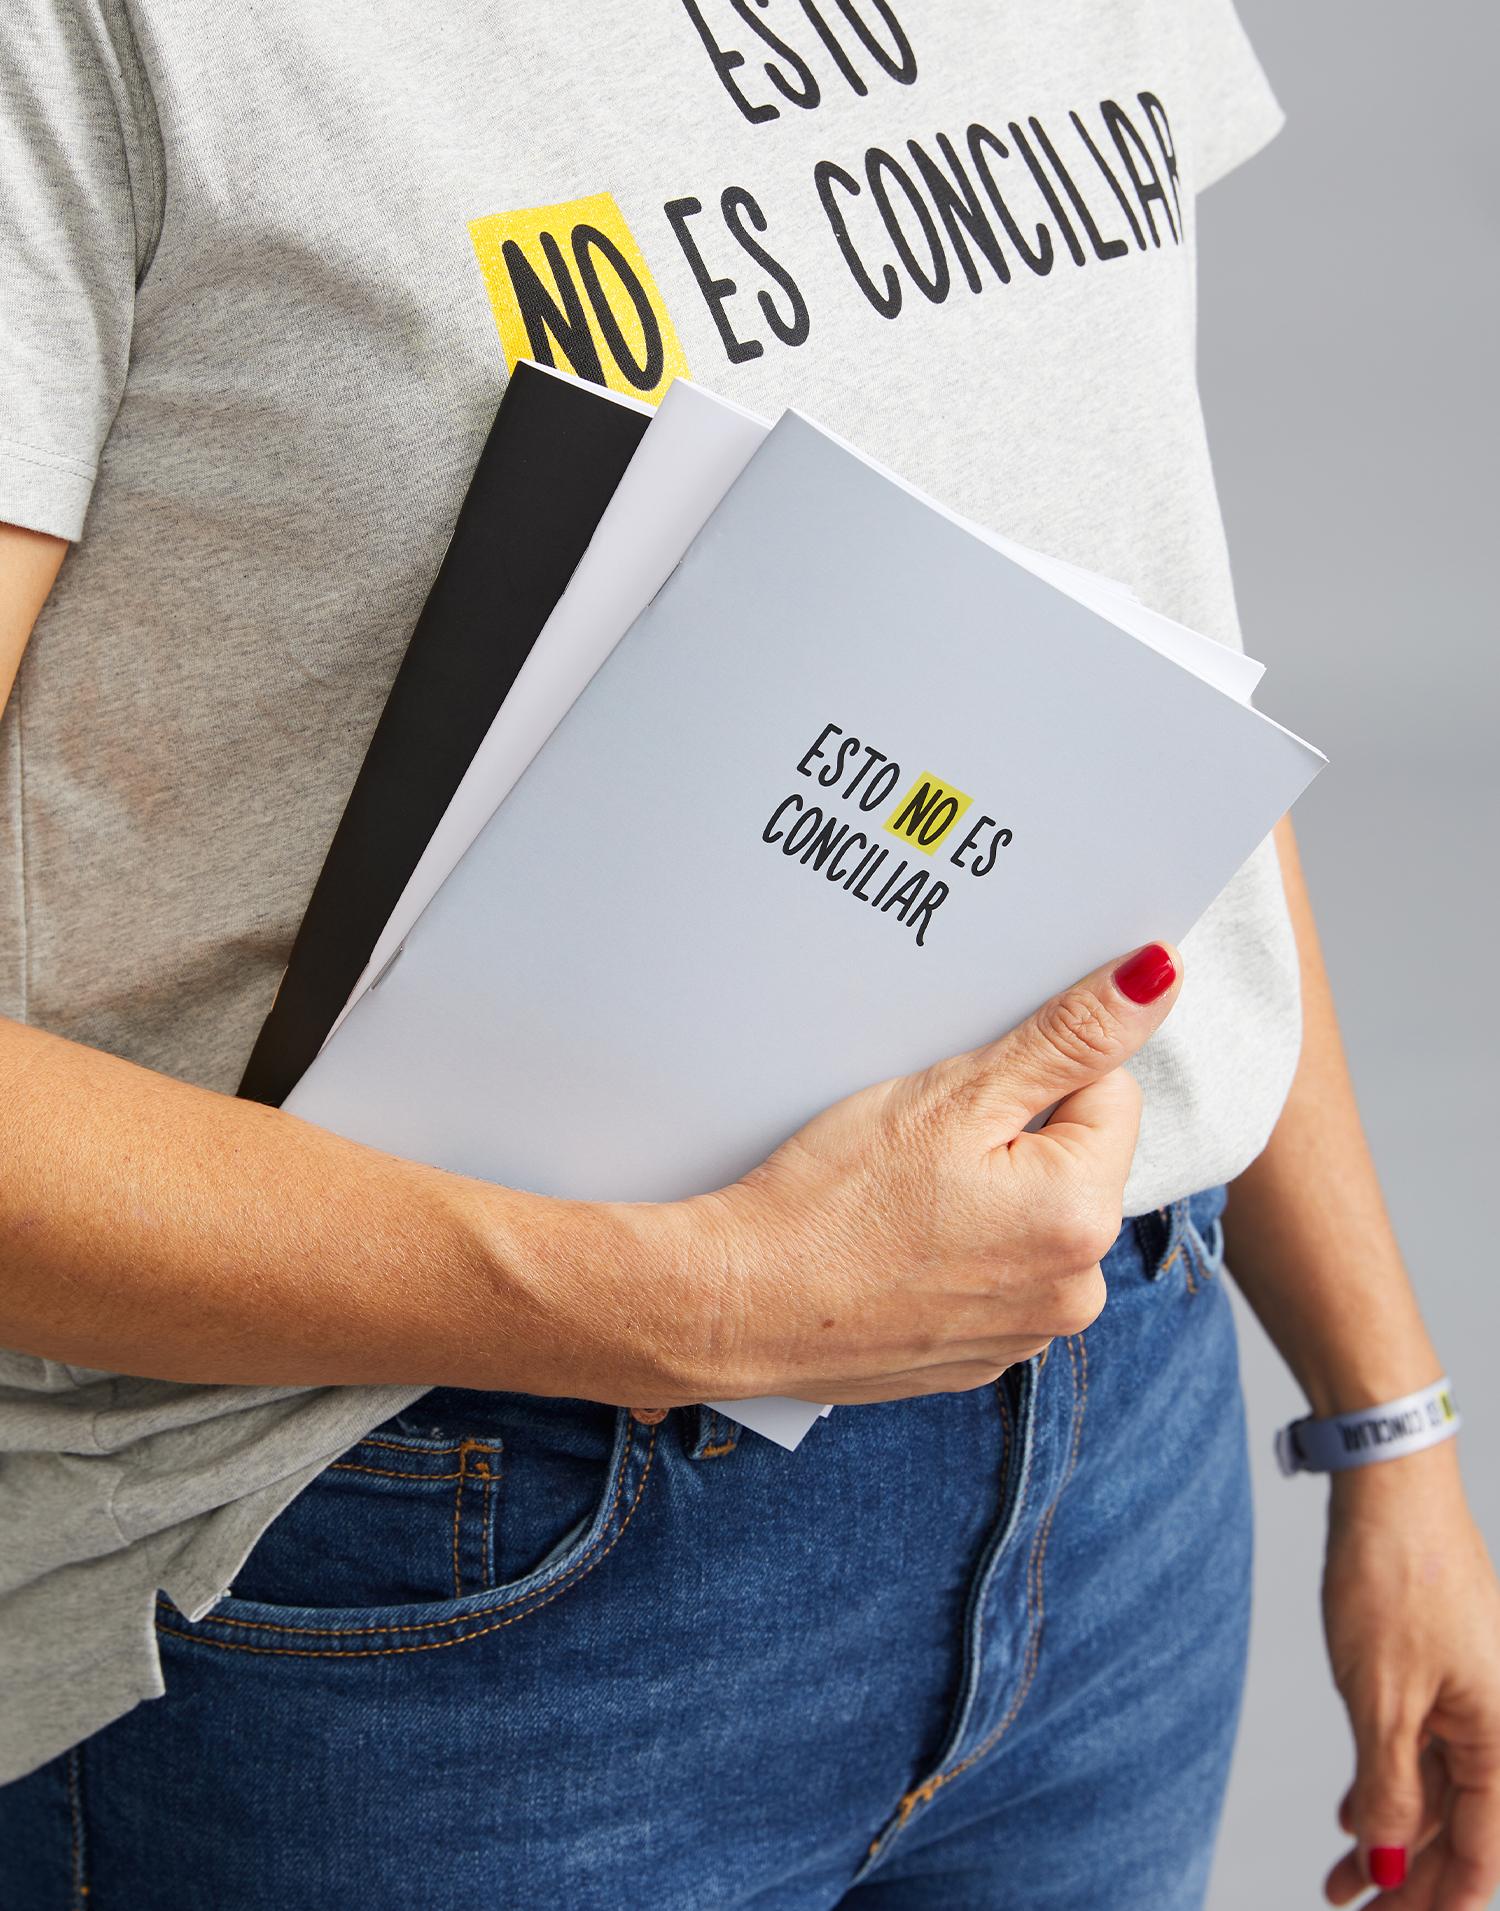 Pack de libretas #EstoNoEsConciliar